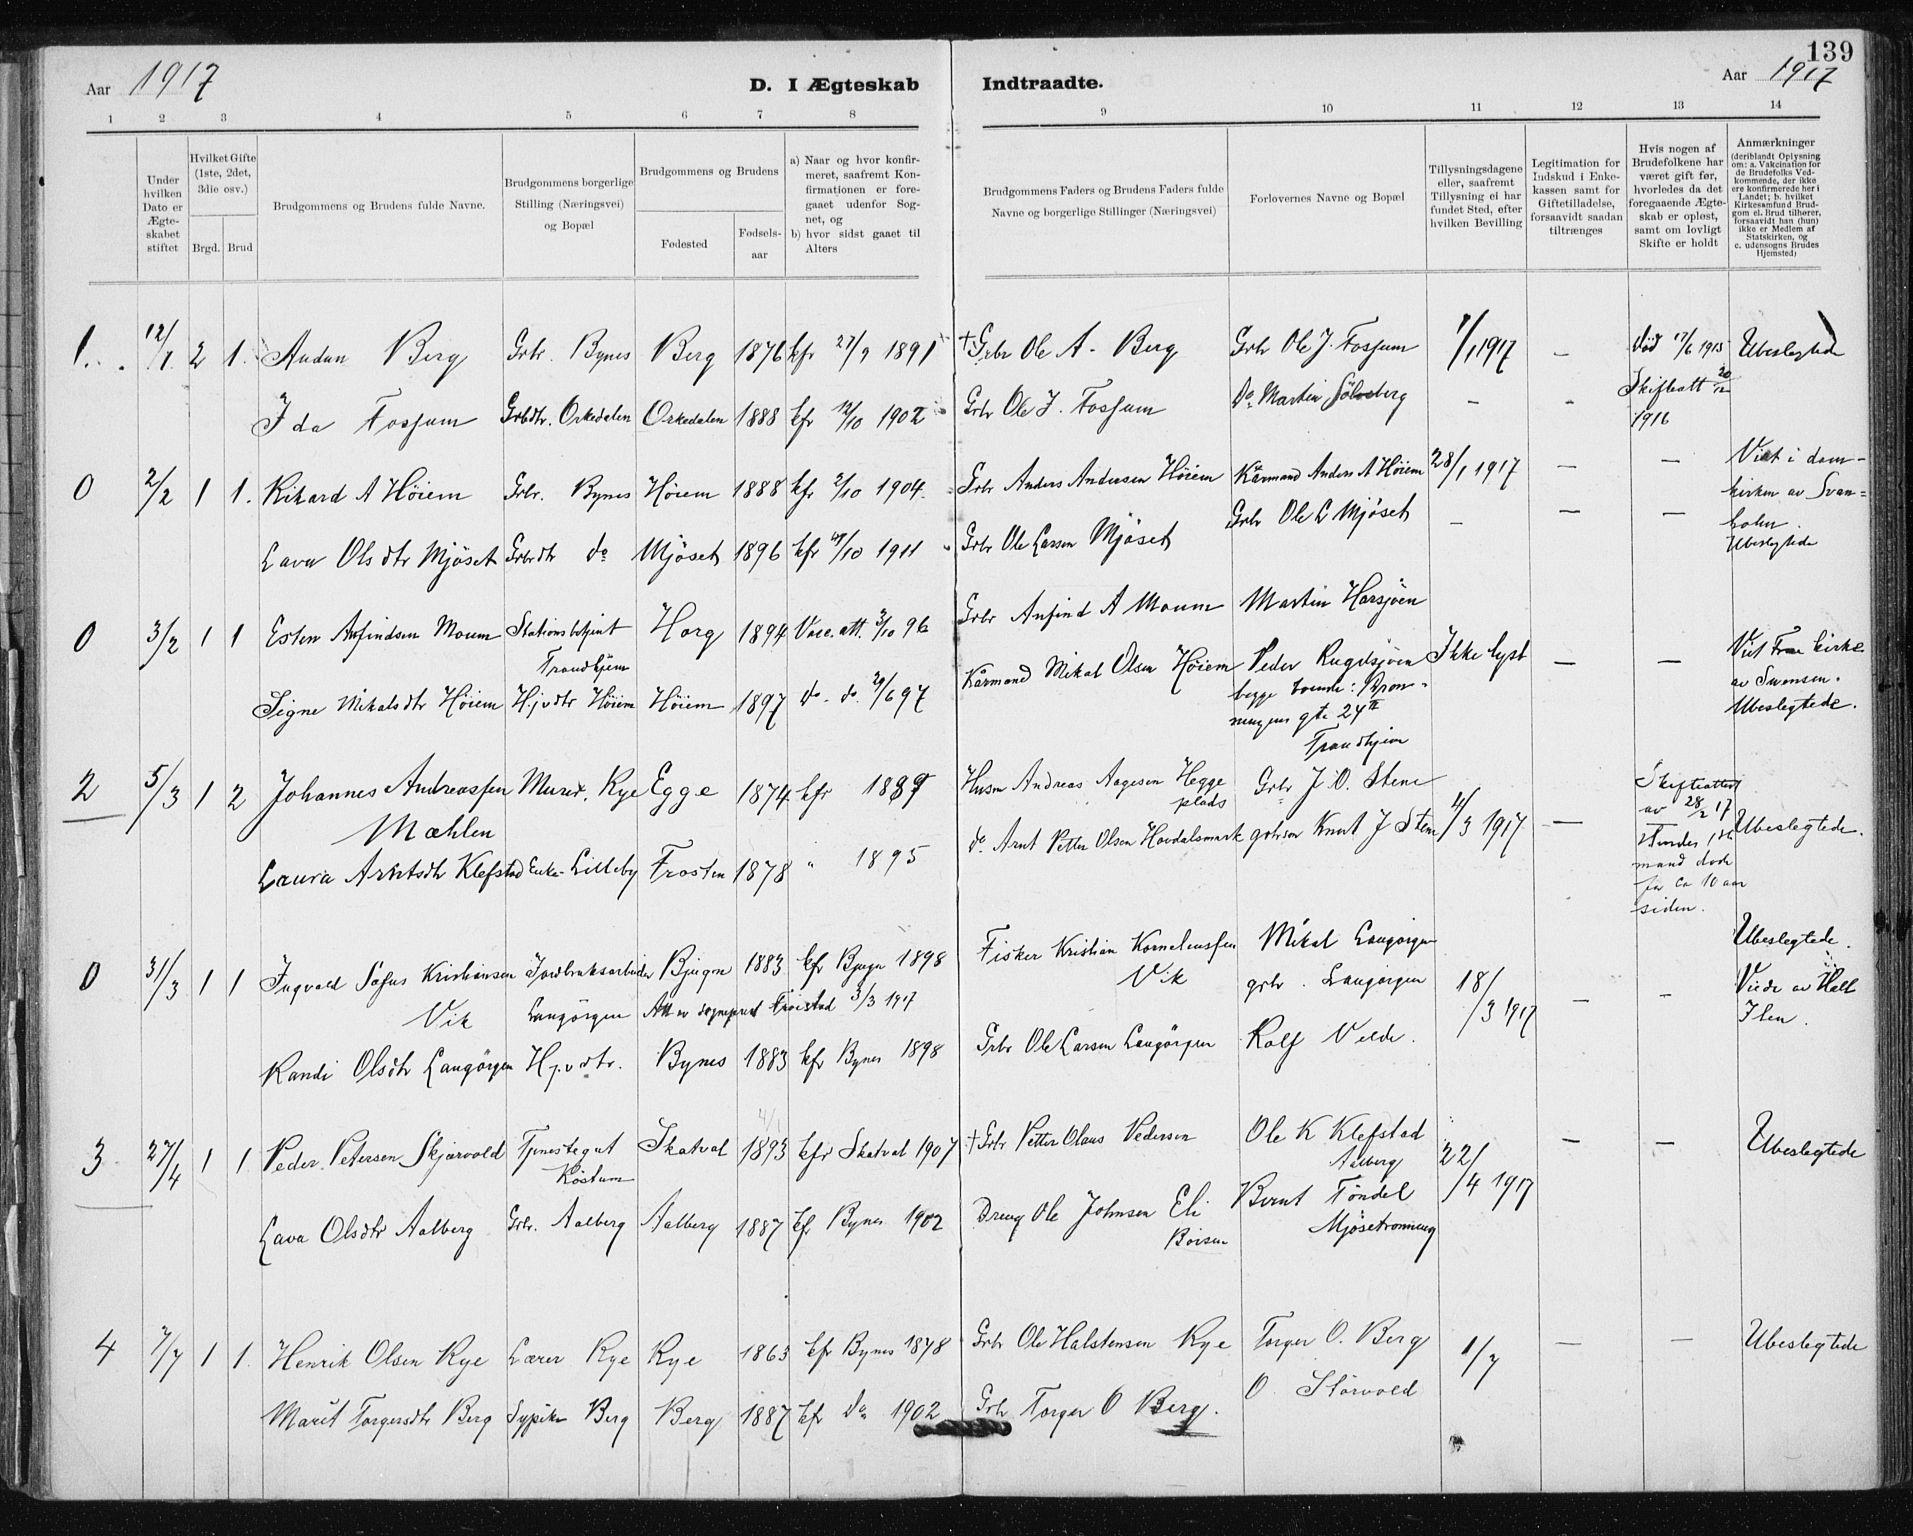 SAT, Ministerialprotokoller, klokkerbøker og fødselsregistre - Sør-Trøndelag, 612/L0381: Ministerialbok nr. 612A13, 1907-1923, s. 139